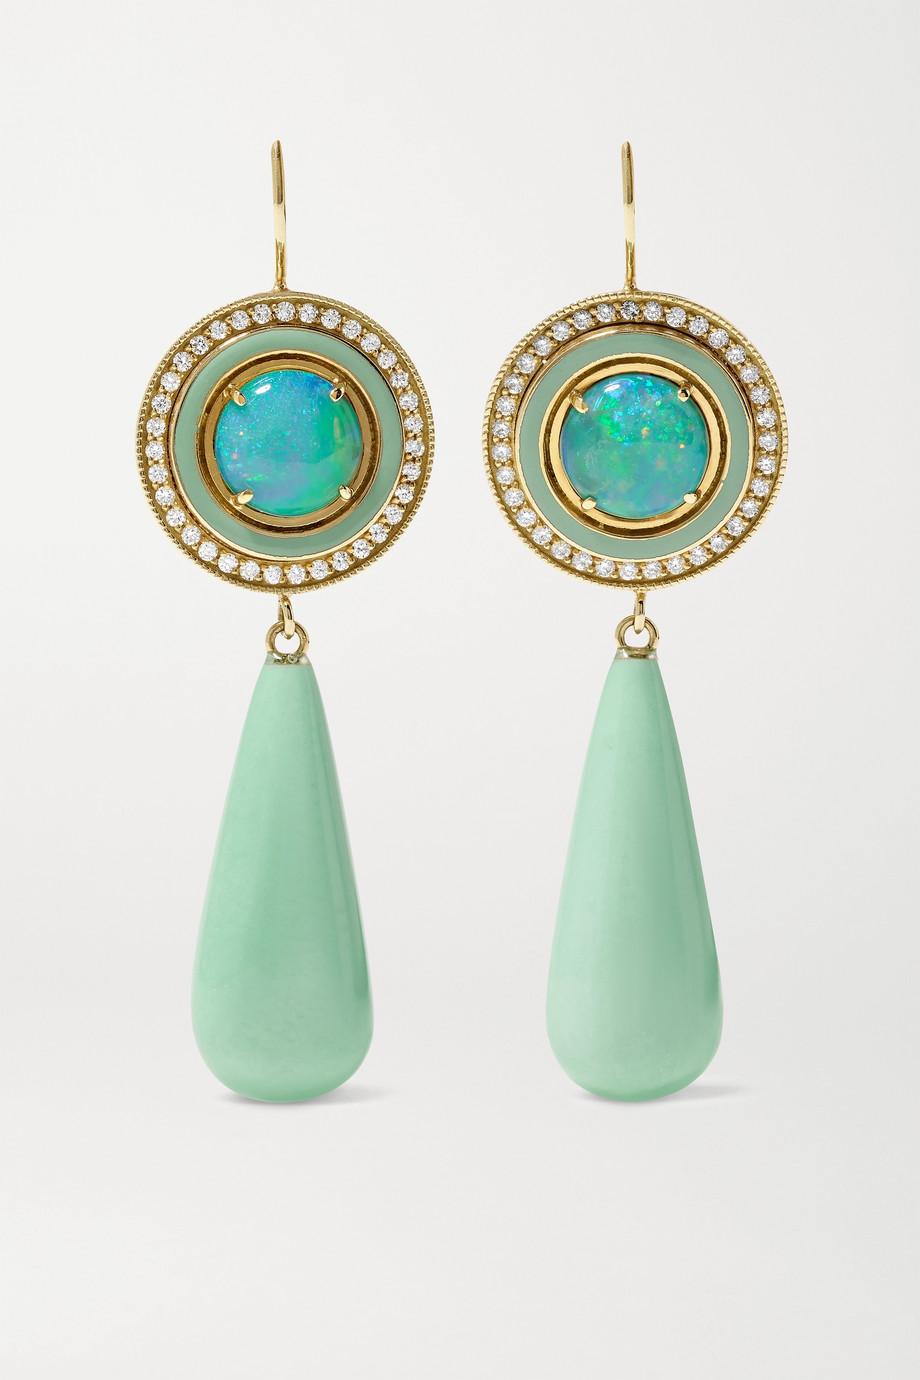 Andrea Fohrman 18-karat gold and enamel multi-stone earrings